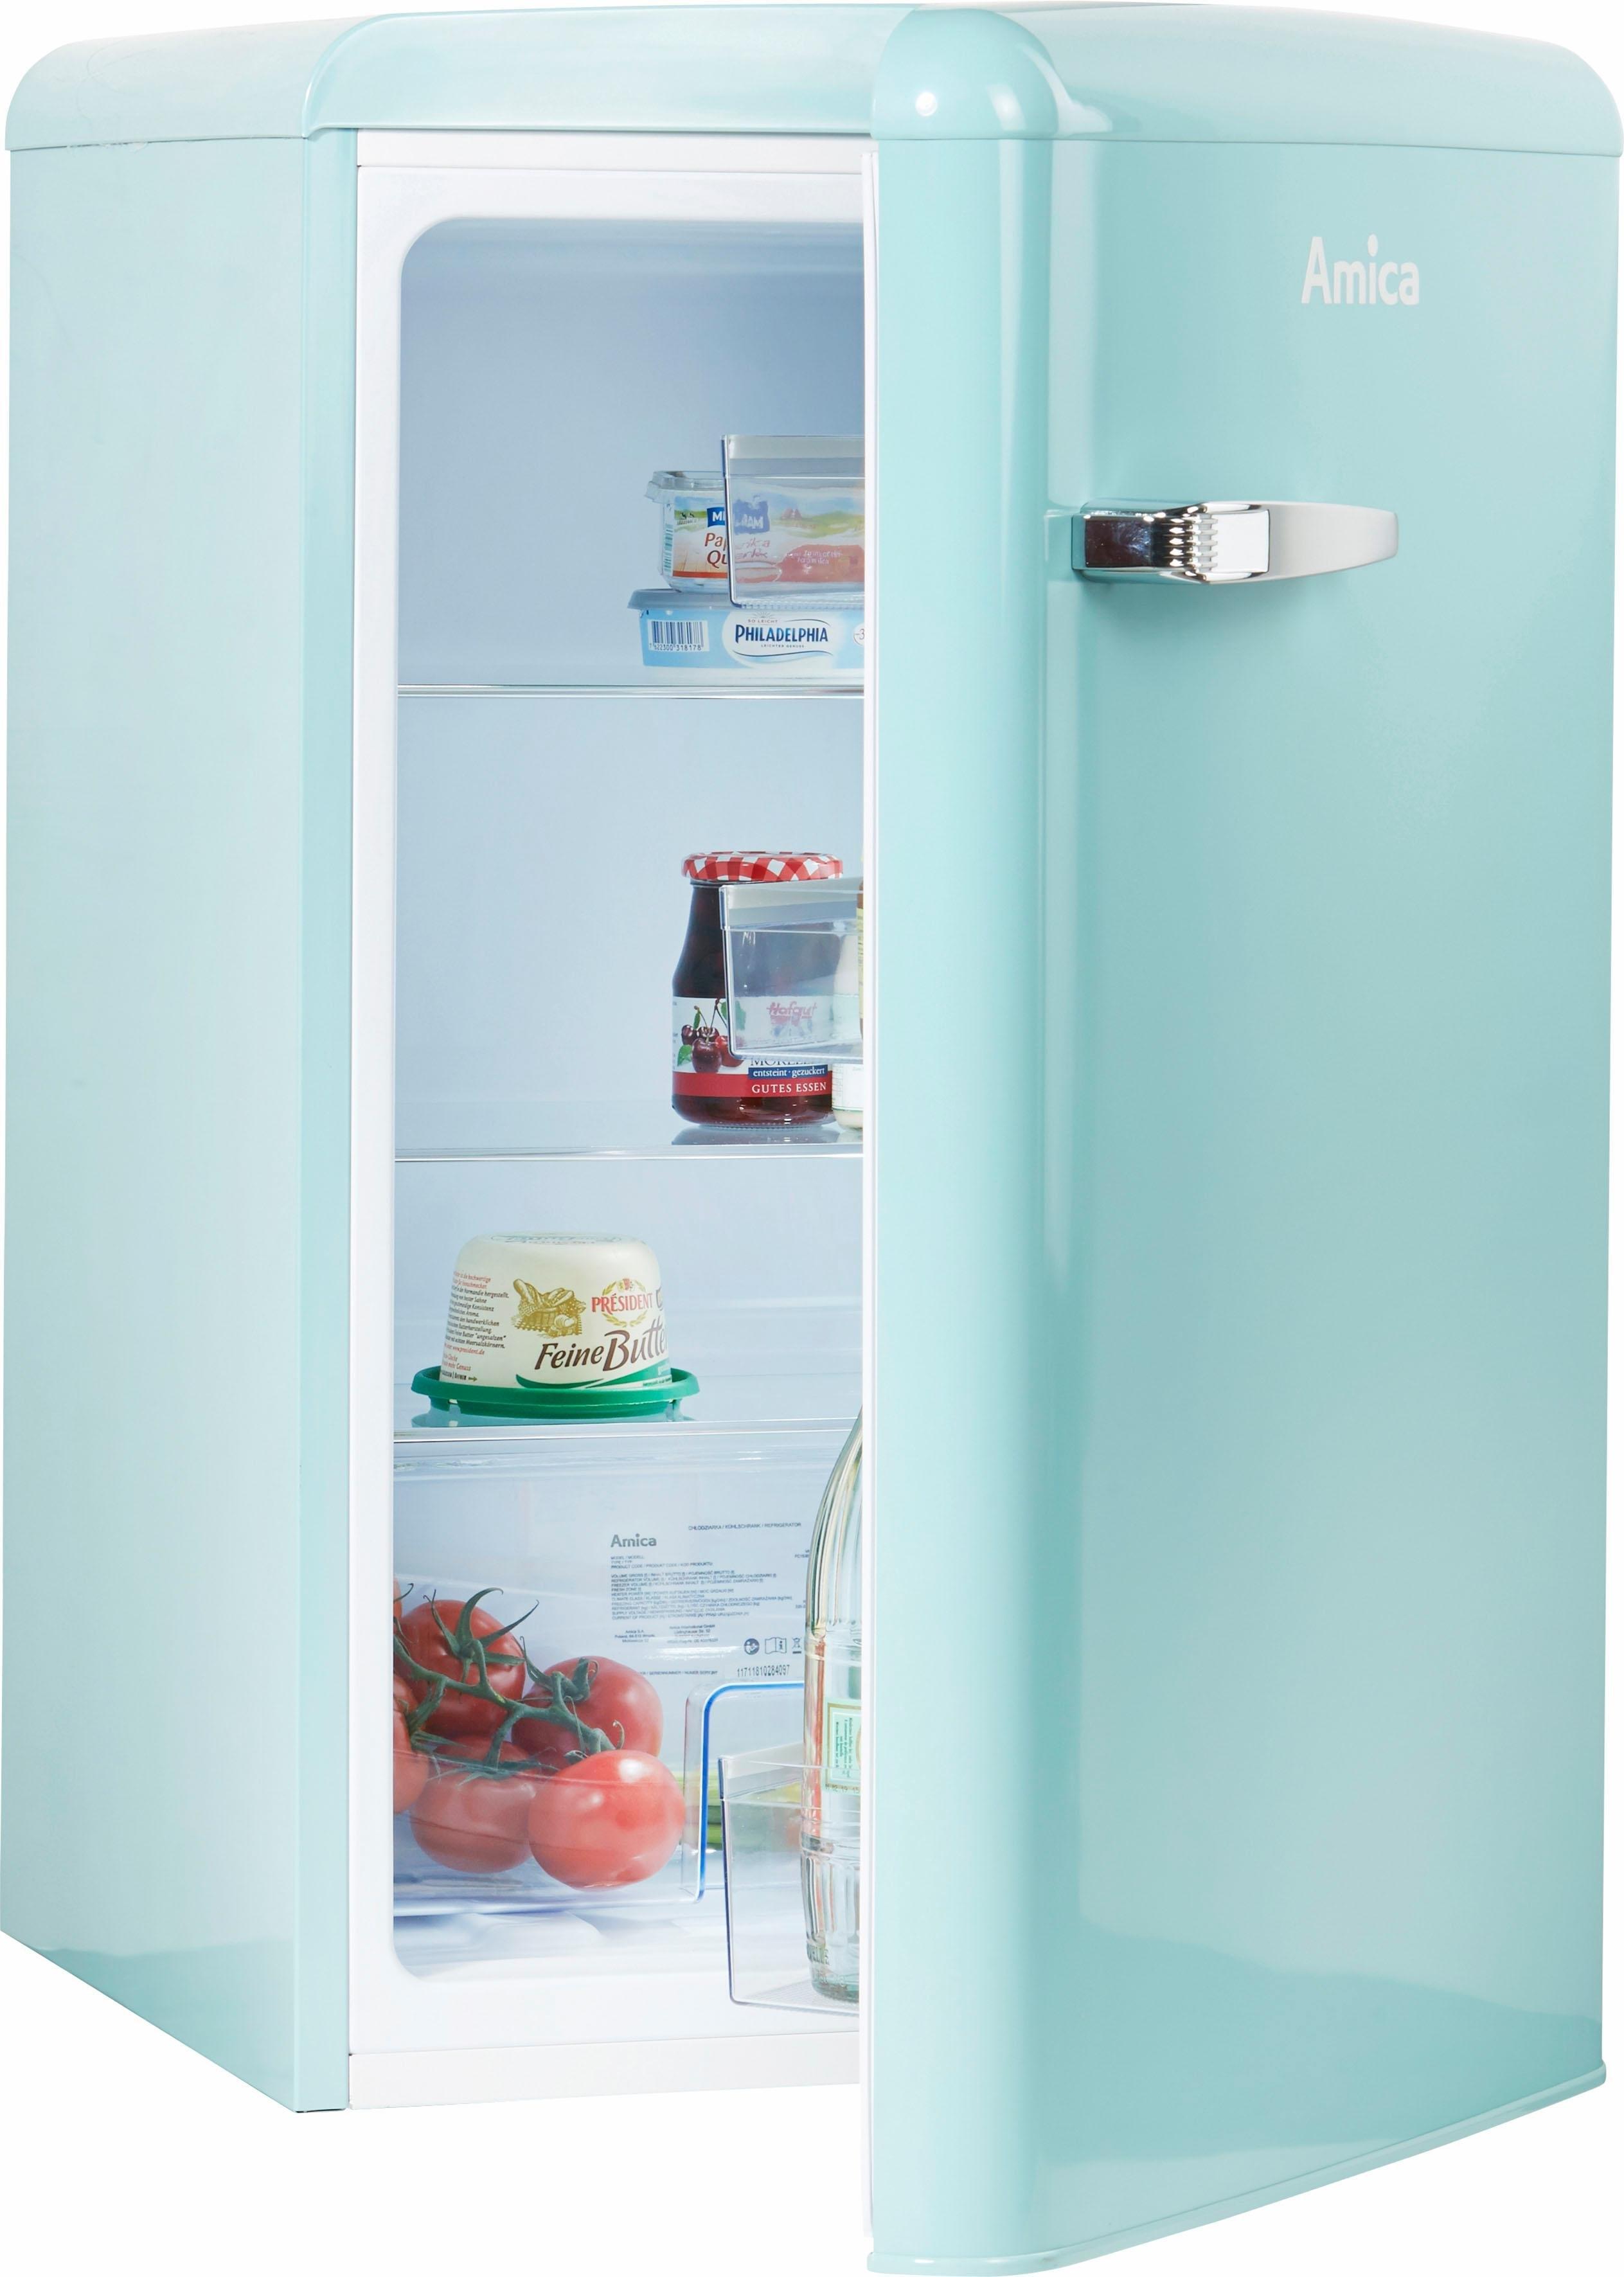 Amica koelkast VKS 15624 S, A++, 86 cm hoog bestellen: 30 dagen bedenktijd